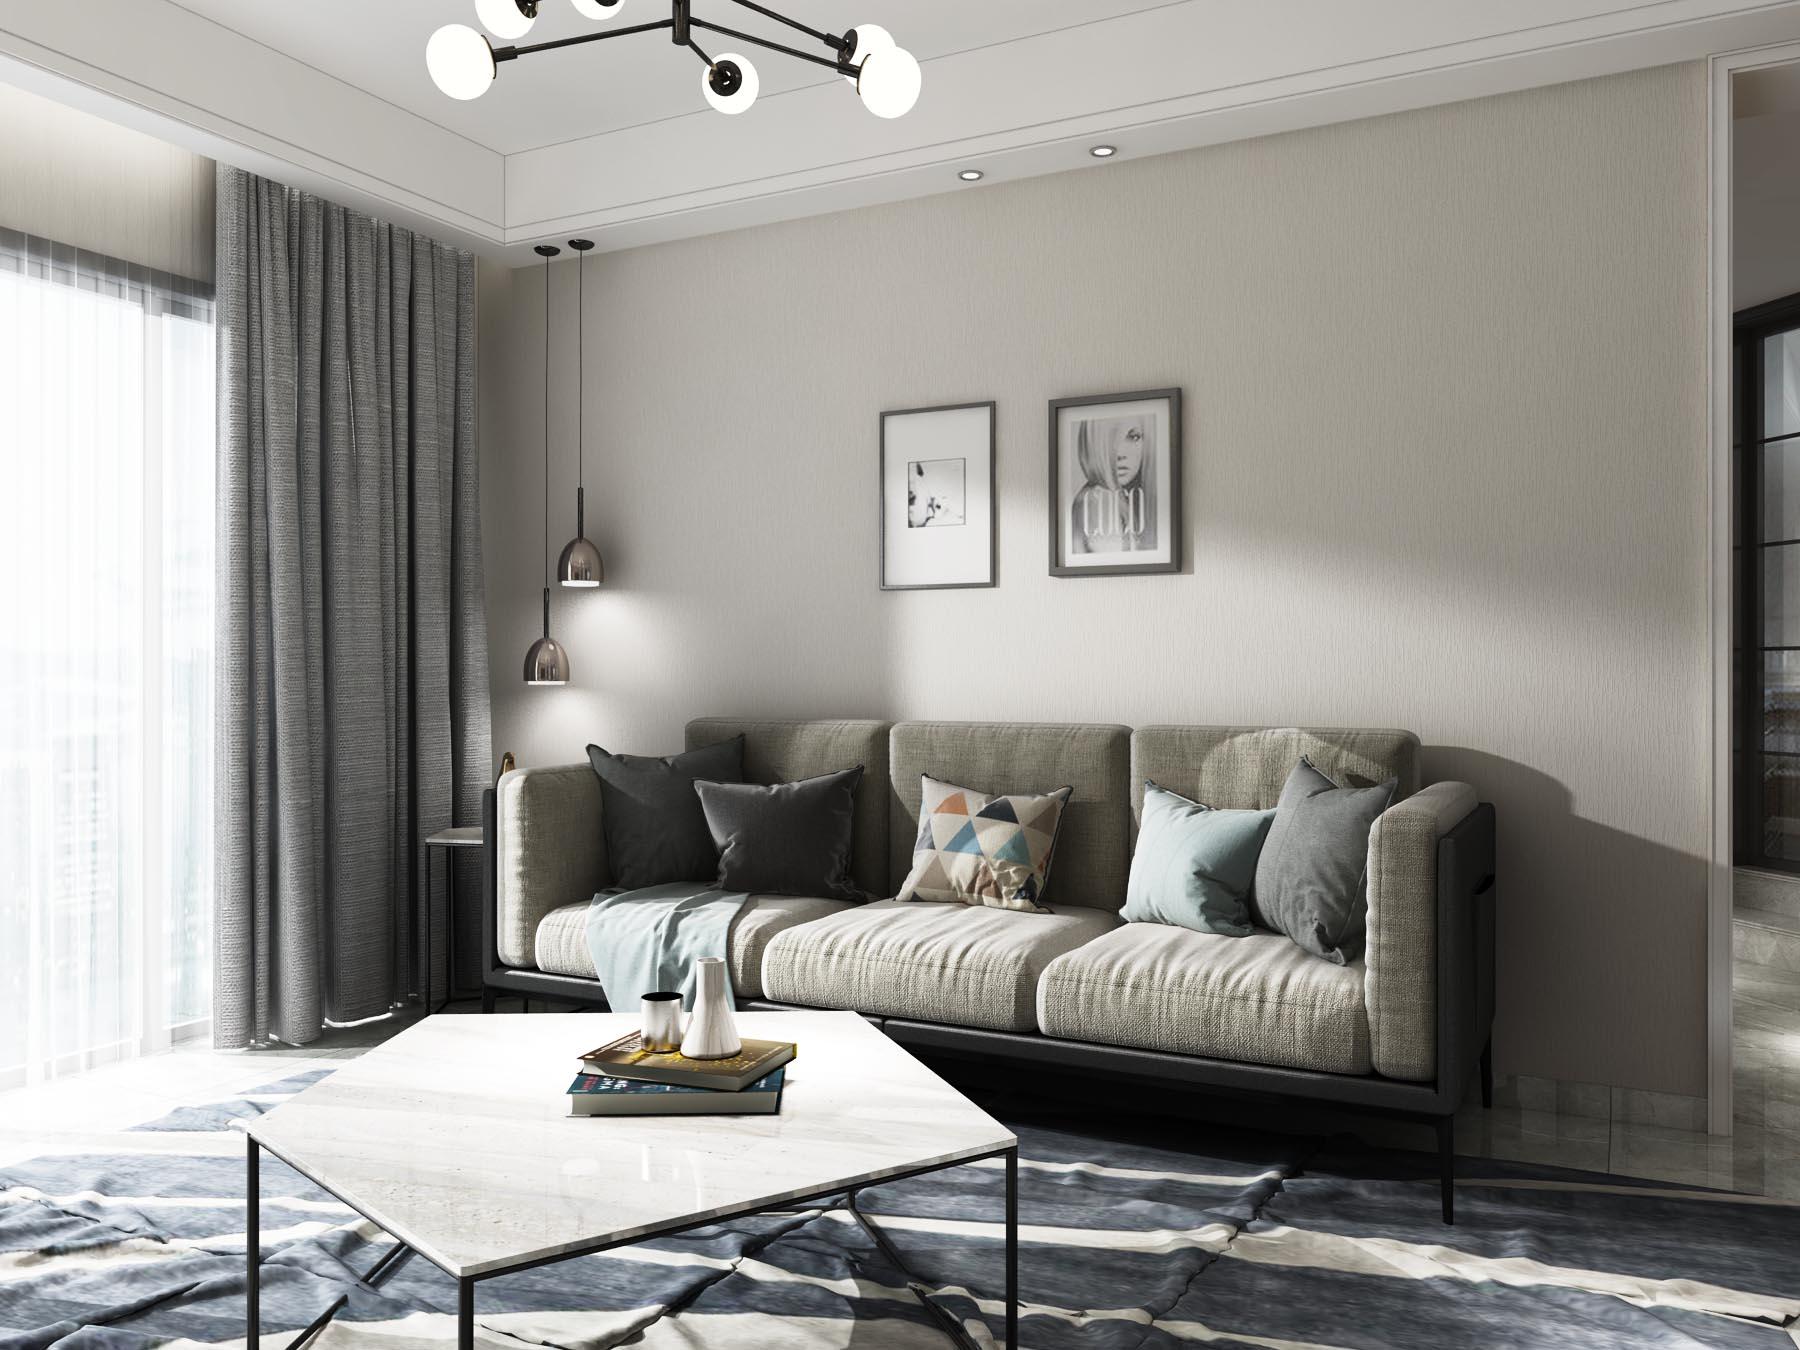 浅灰素色简约现代无缝墙布